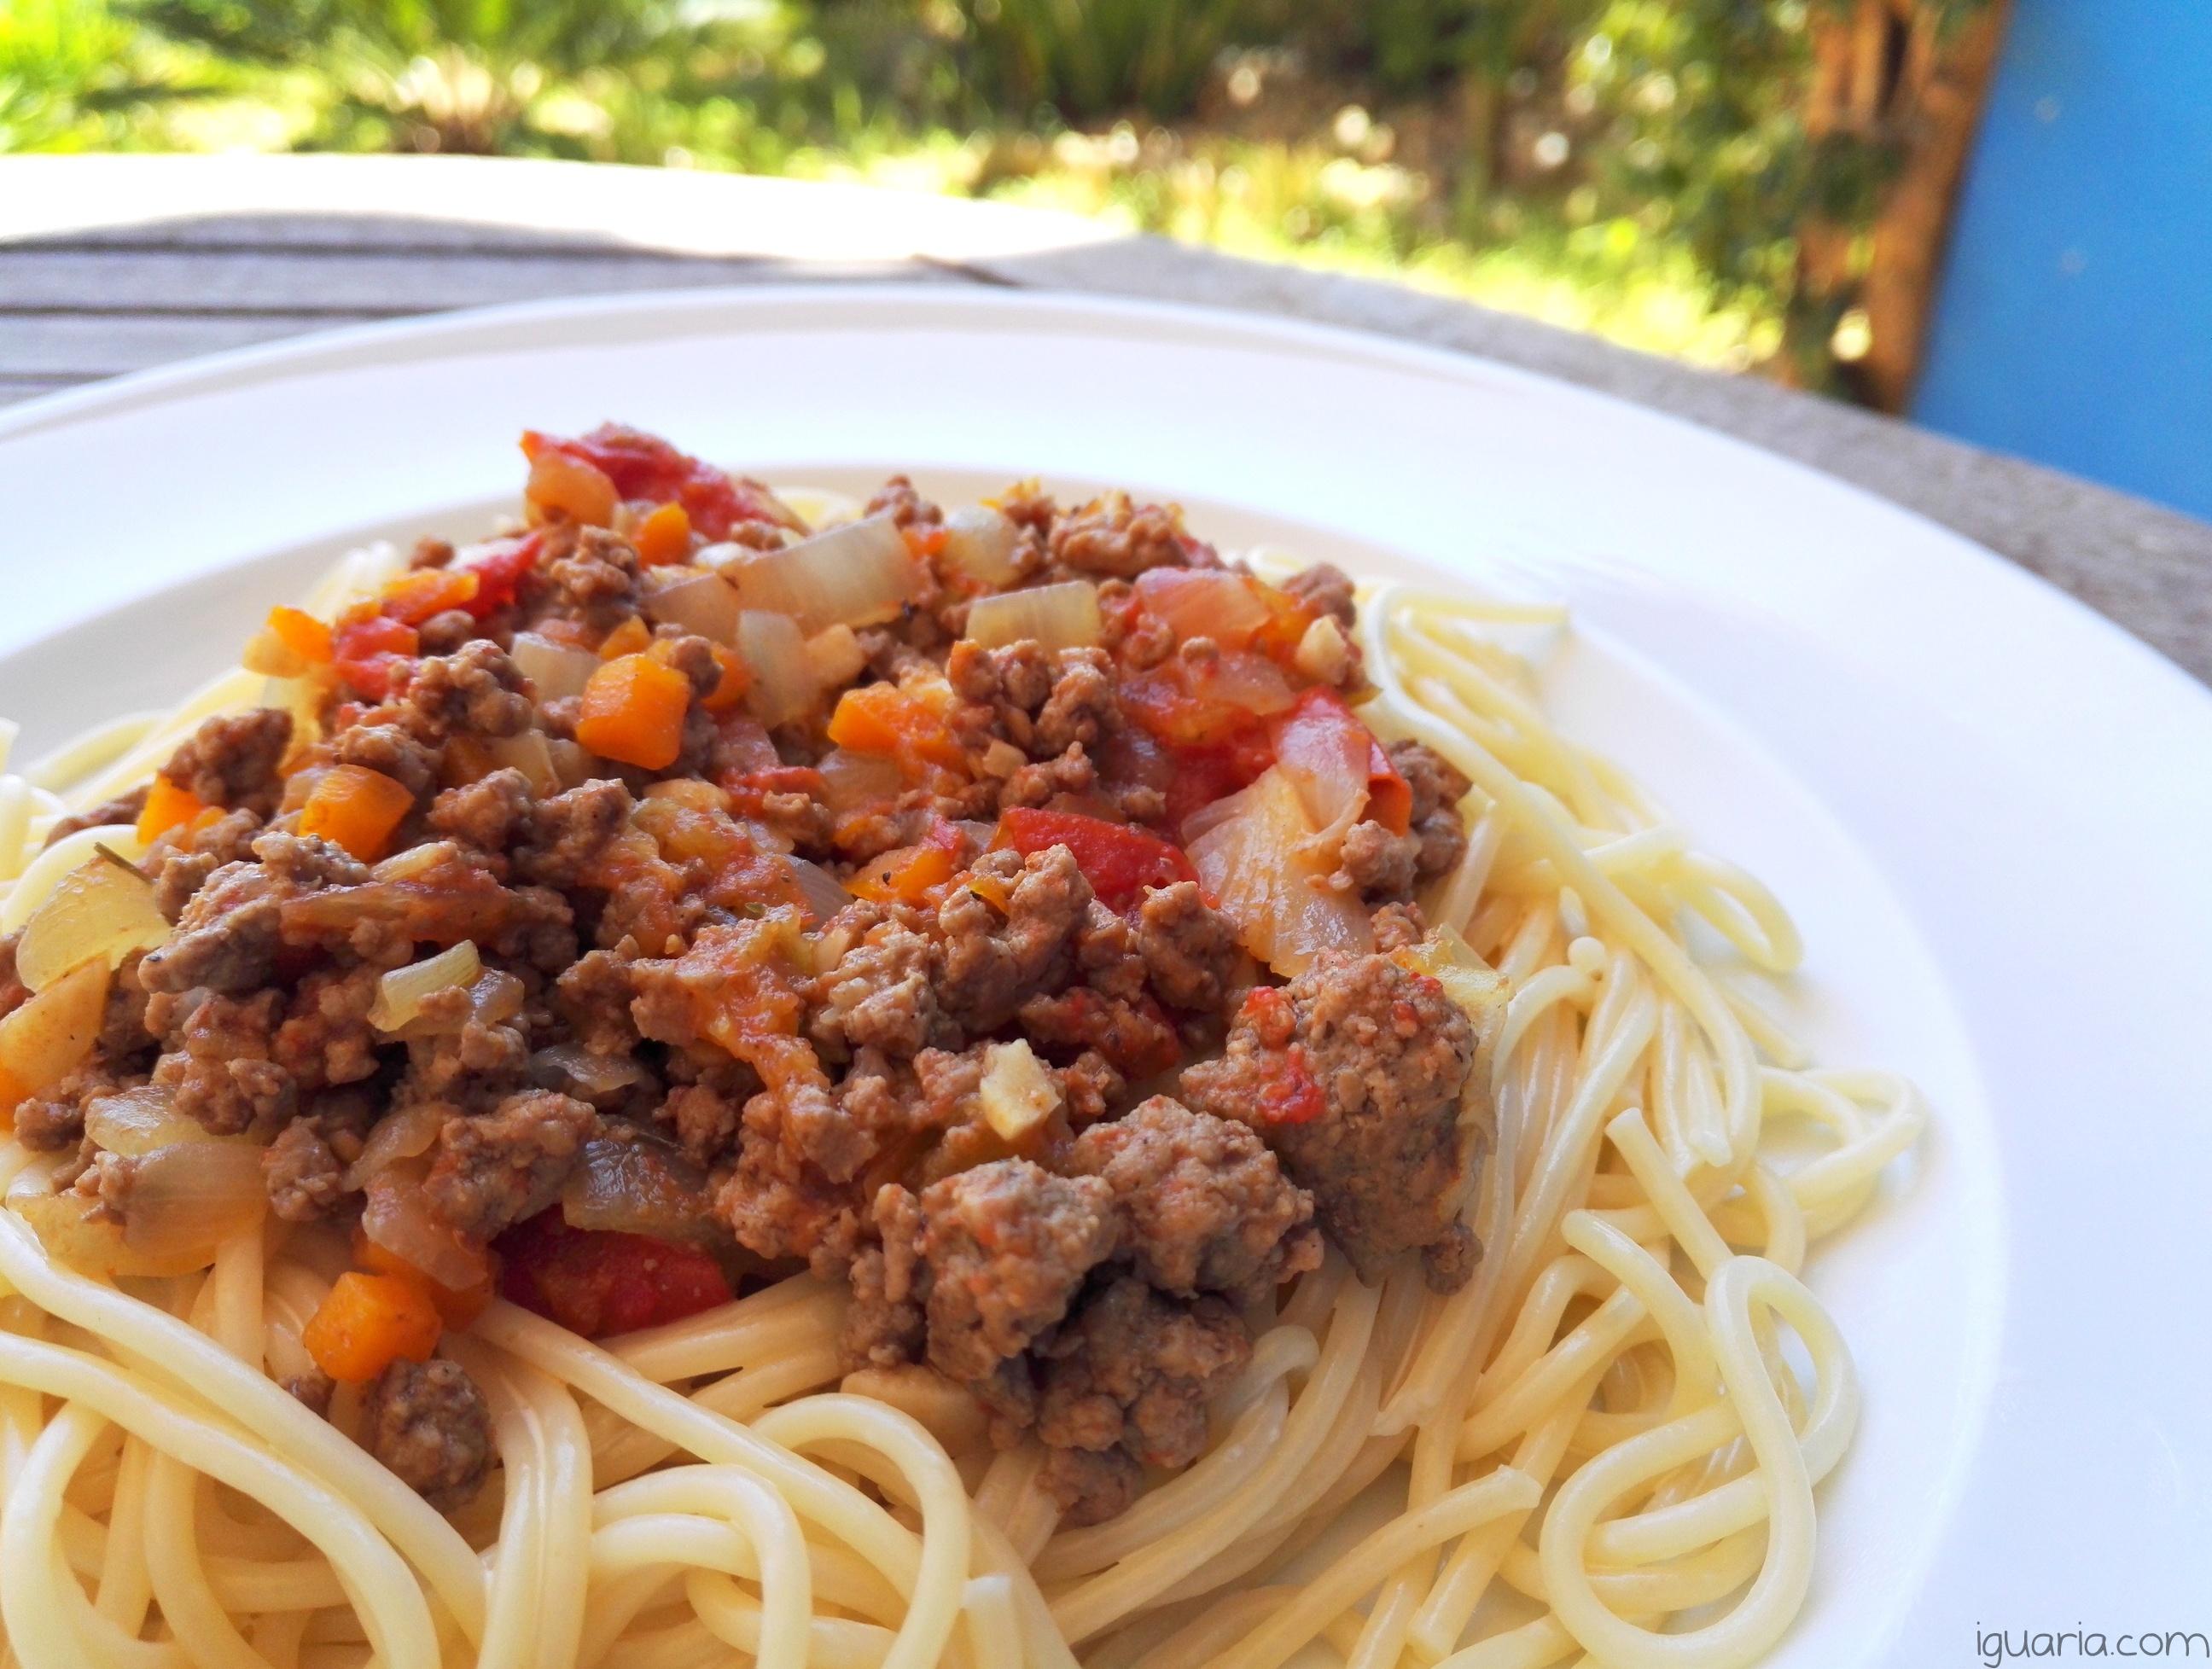 Iguaria_Bolonhesa-Tomate-Carne-Picada